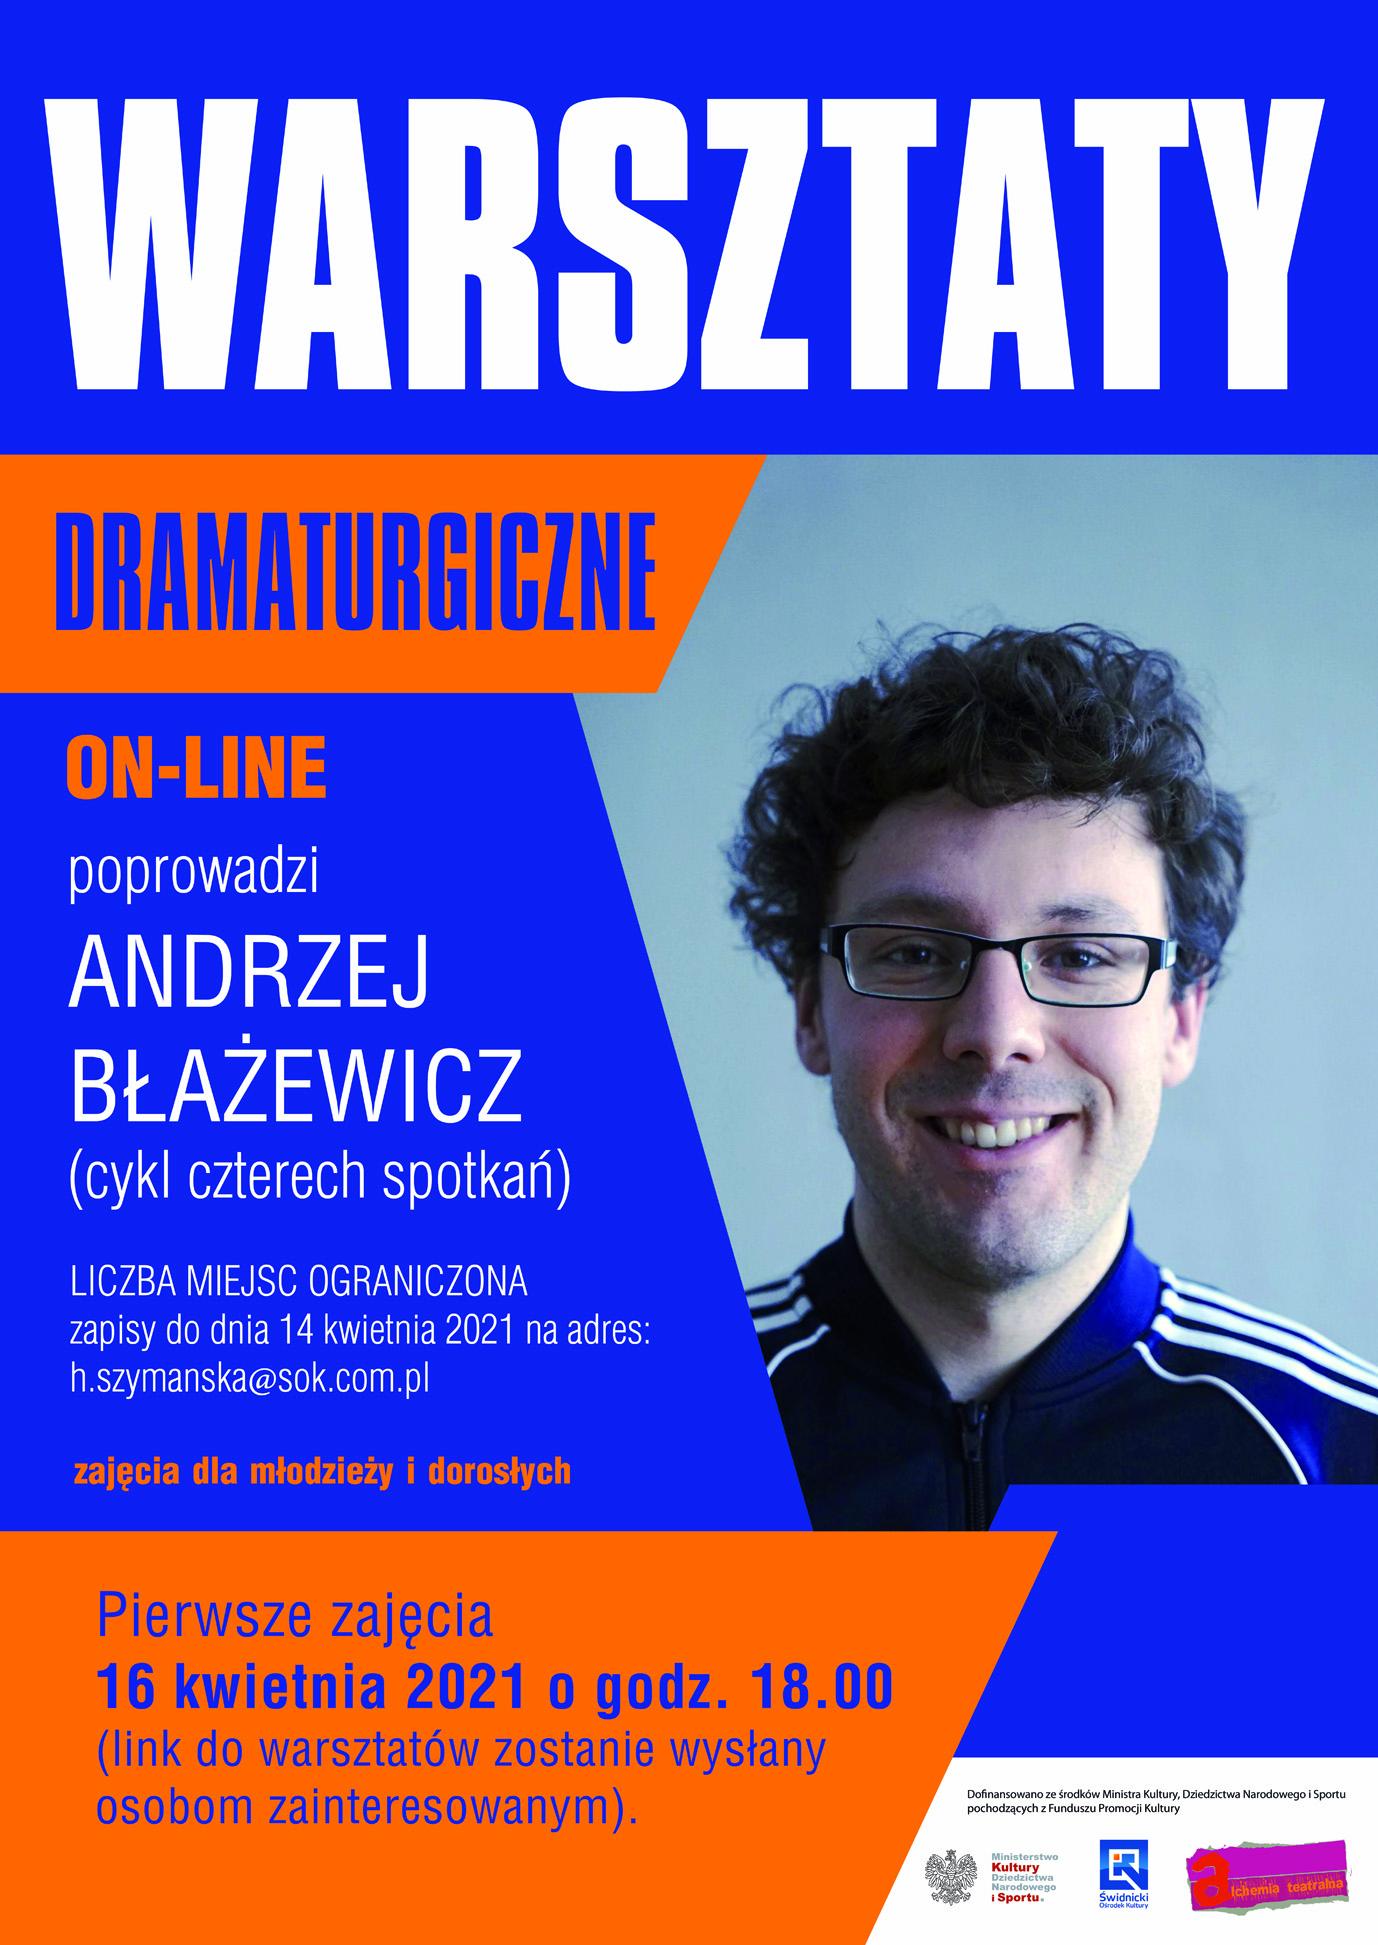 plakat informujący o warsztatach dramaturgicznych z Andrzejem Błażewiczem